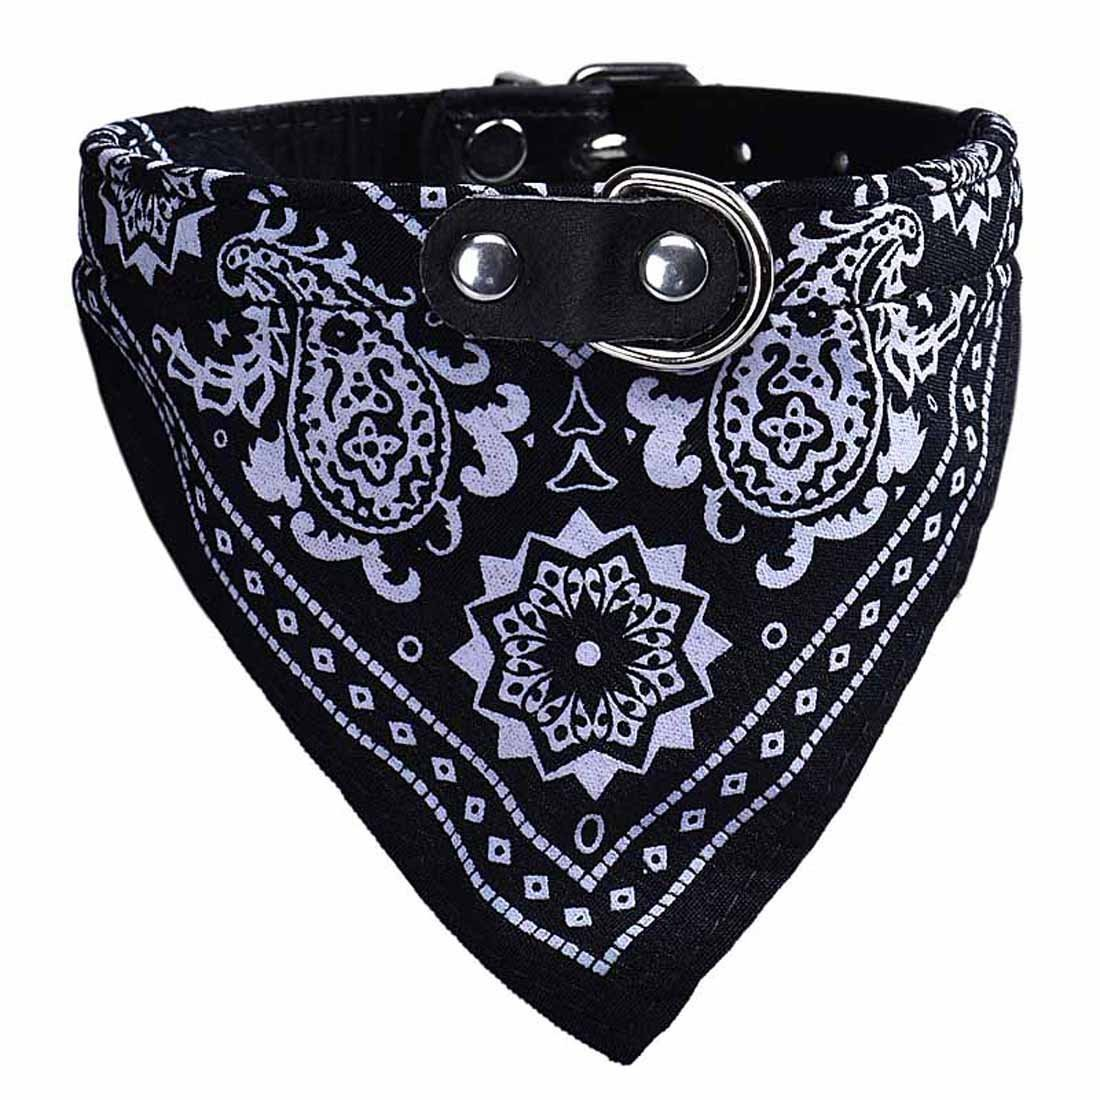 Ducomi maison Dog Collier réglable avec bandana, l'accessoire pour chien et chat, le foulard pour le ton animal